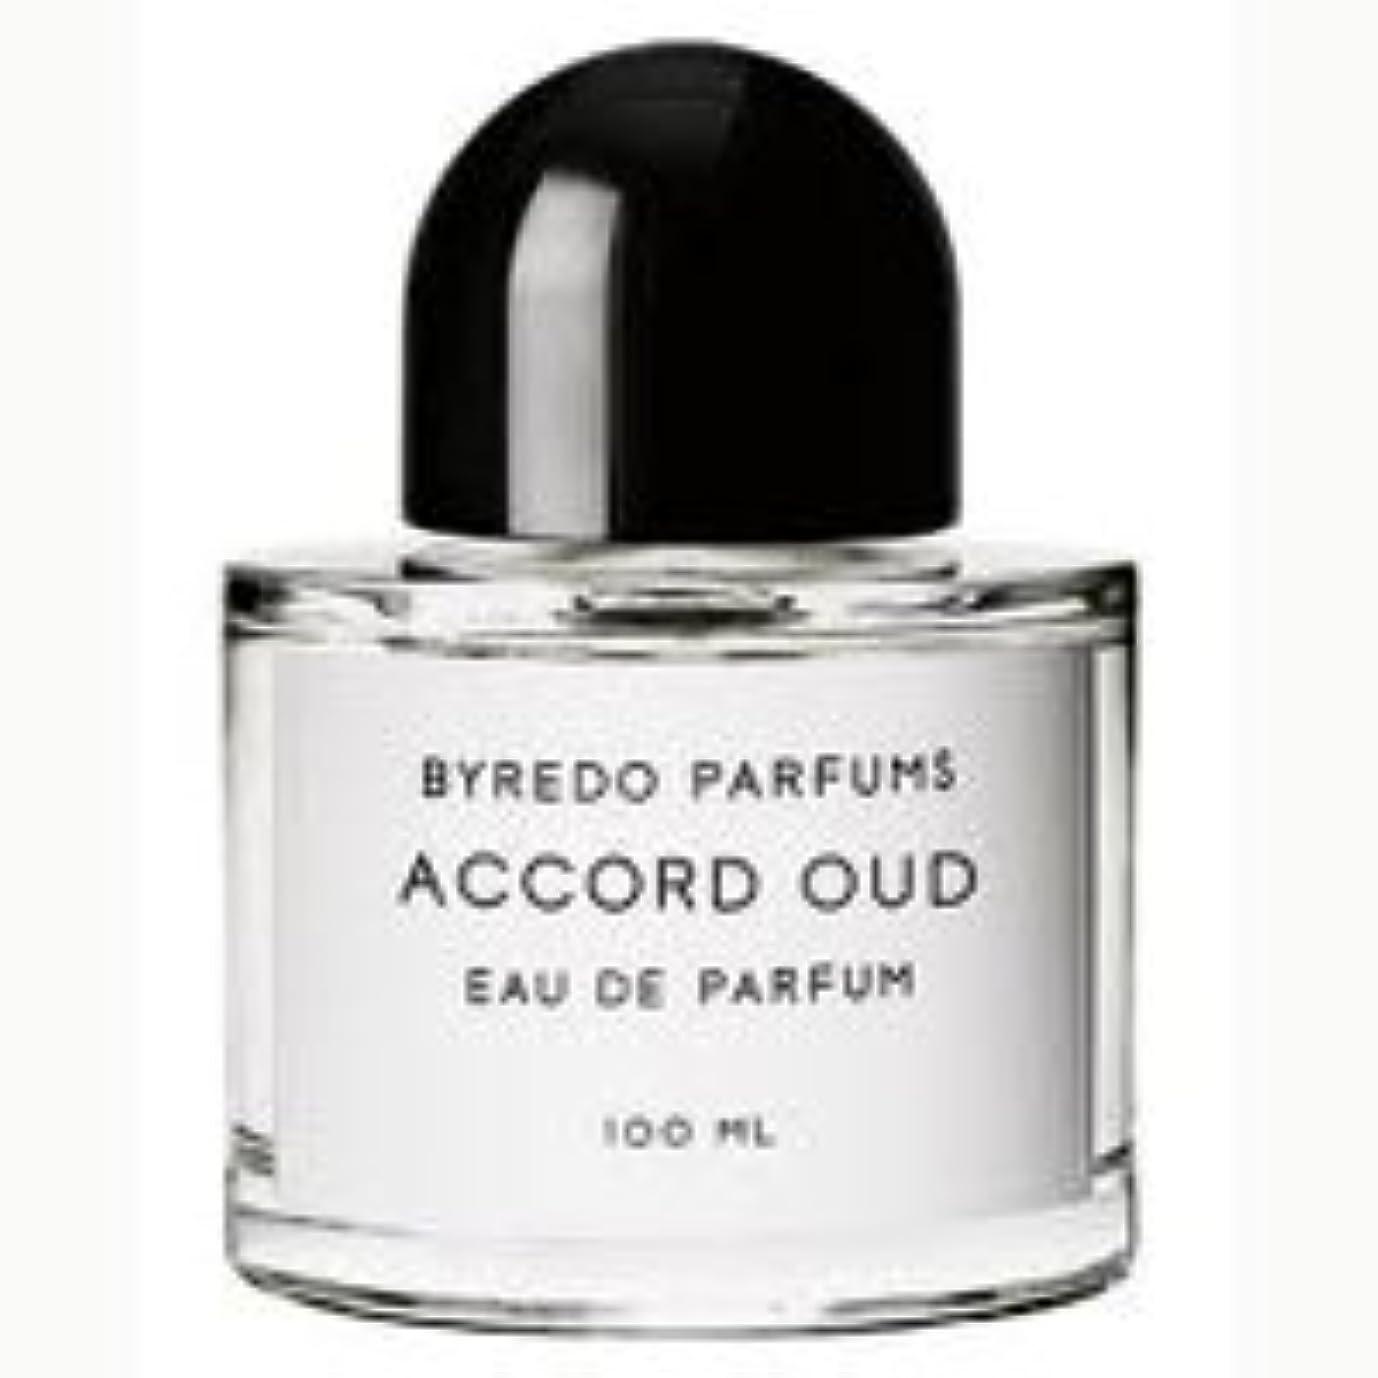 リア王枠遠洋のバレード アコード ウード オードパルファム 50ml BYREDO PARFUMS ACCORD OUD EDP [6076]